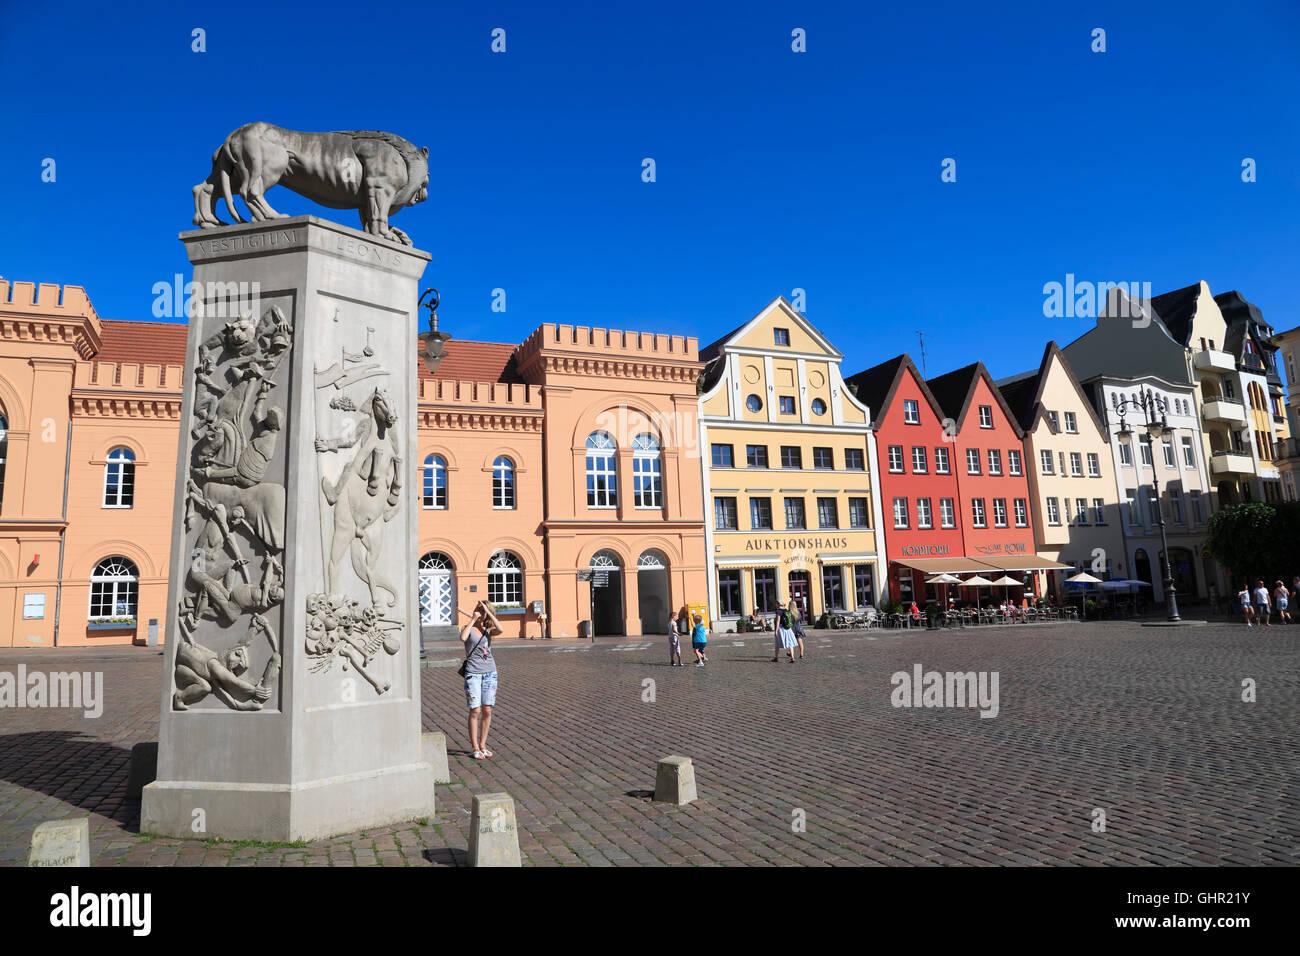 Mädel Schwerin (MV, Landeshauptstadt)